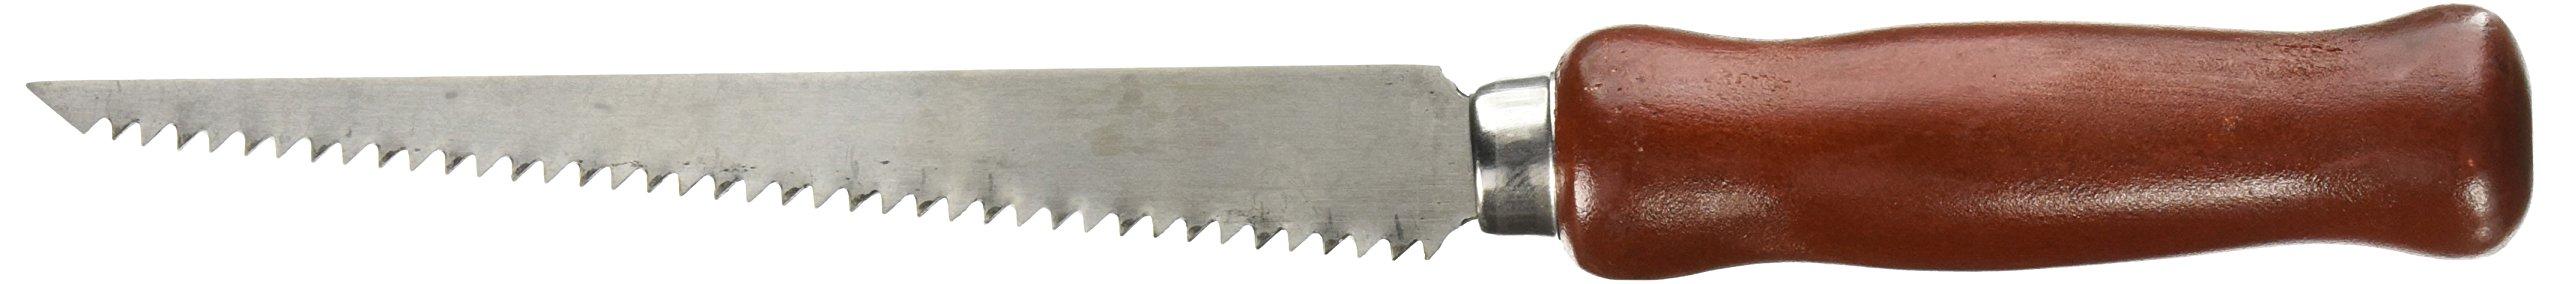 MERIT PRO 00705 Stamped Tooth Jab Saw, 6''